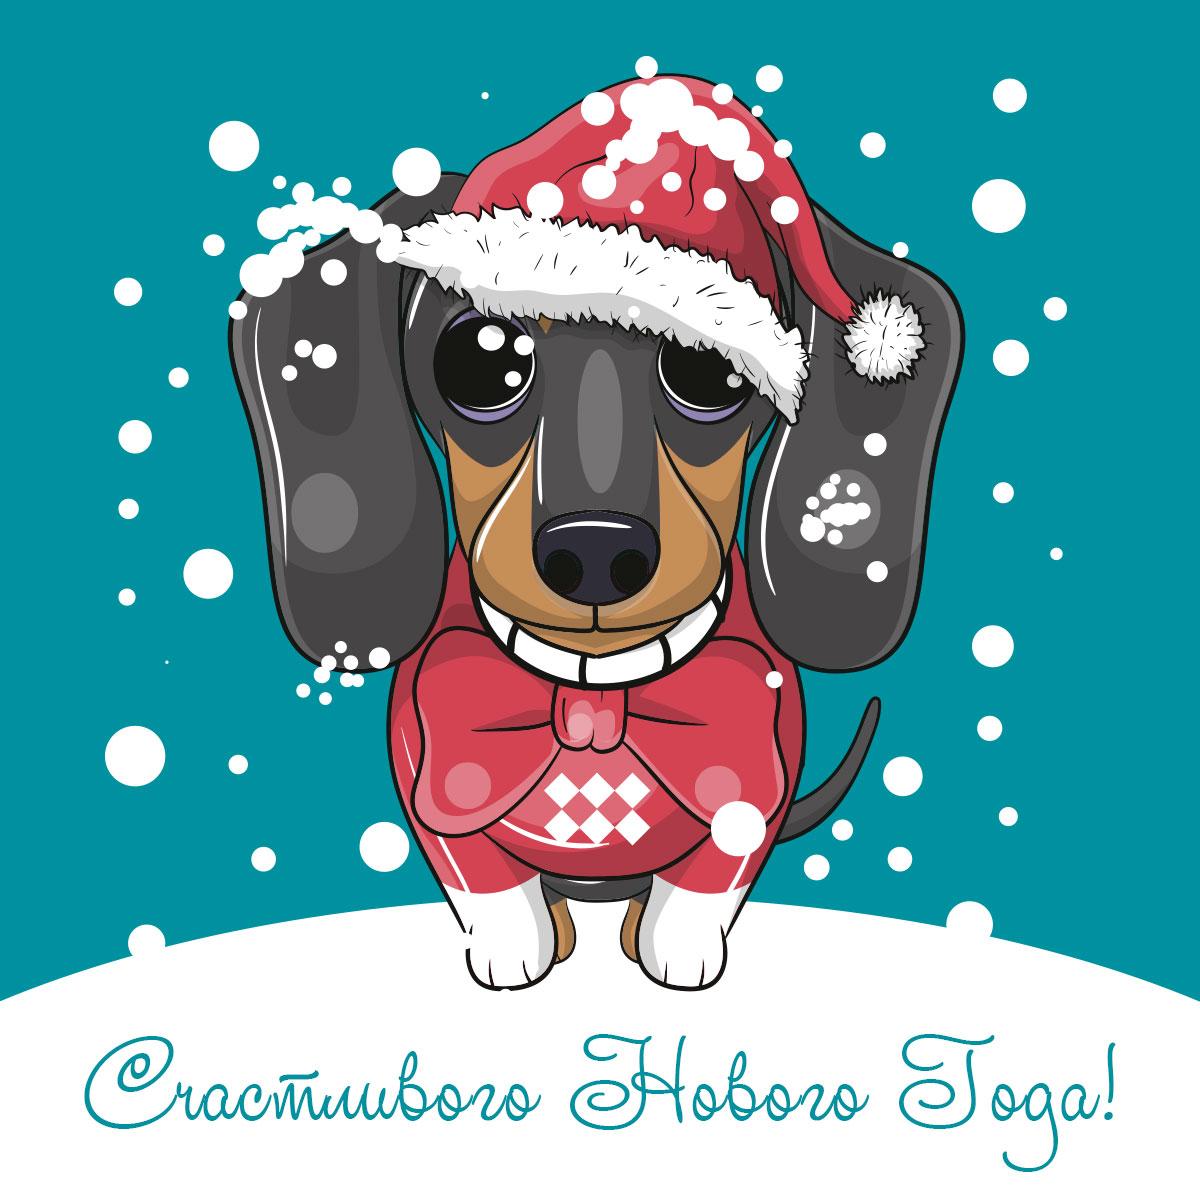 Картинка с текстом: открытка счастливого нового года с таксой в шапке Санта Клауса и галстуке - бабочке на зимнем фоне.